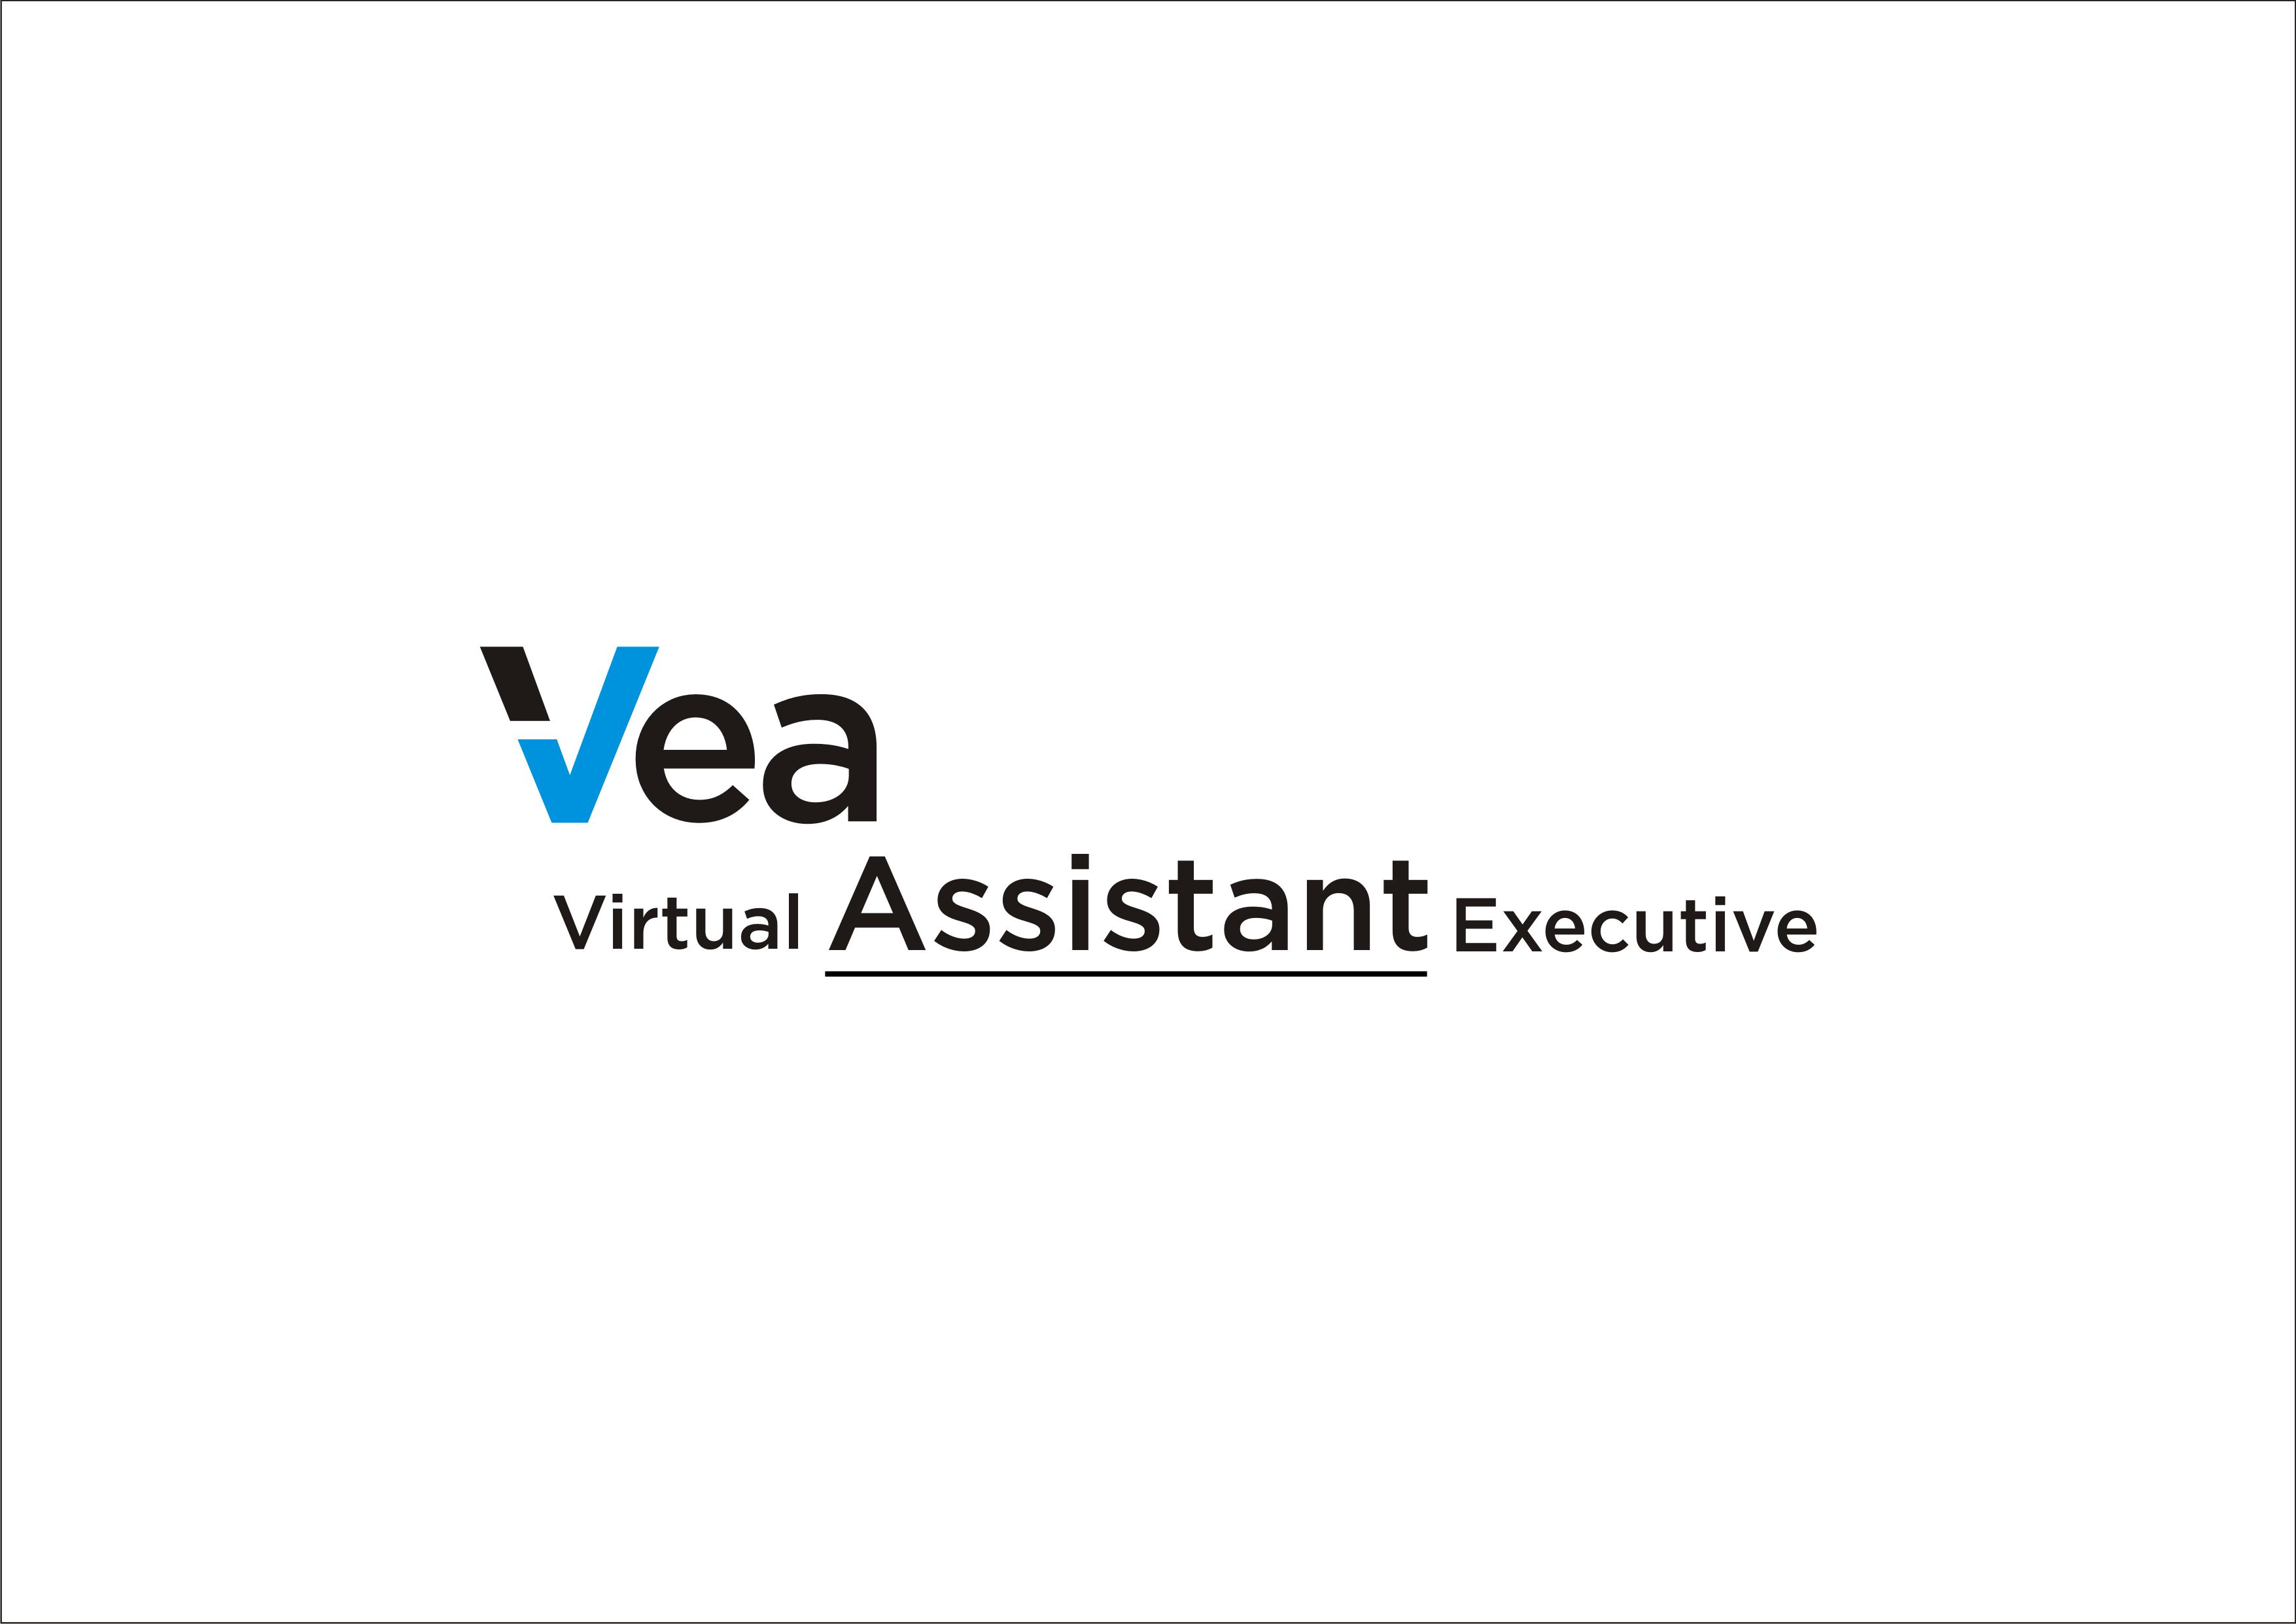 VEA - отзывы, цена, альтернативы (аналоги, конкуренты), бесплатные лимиты, функционал, сравнения